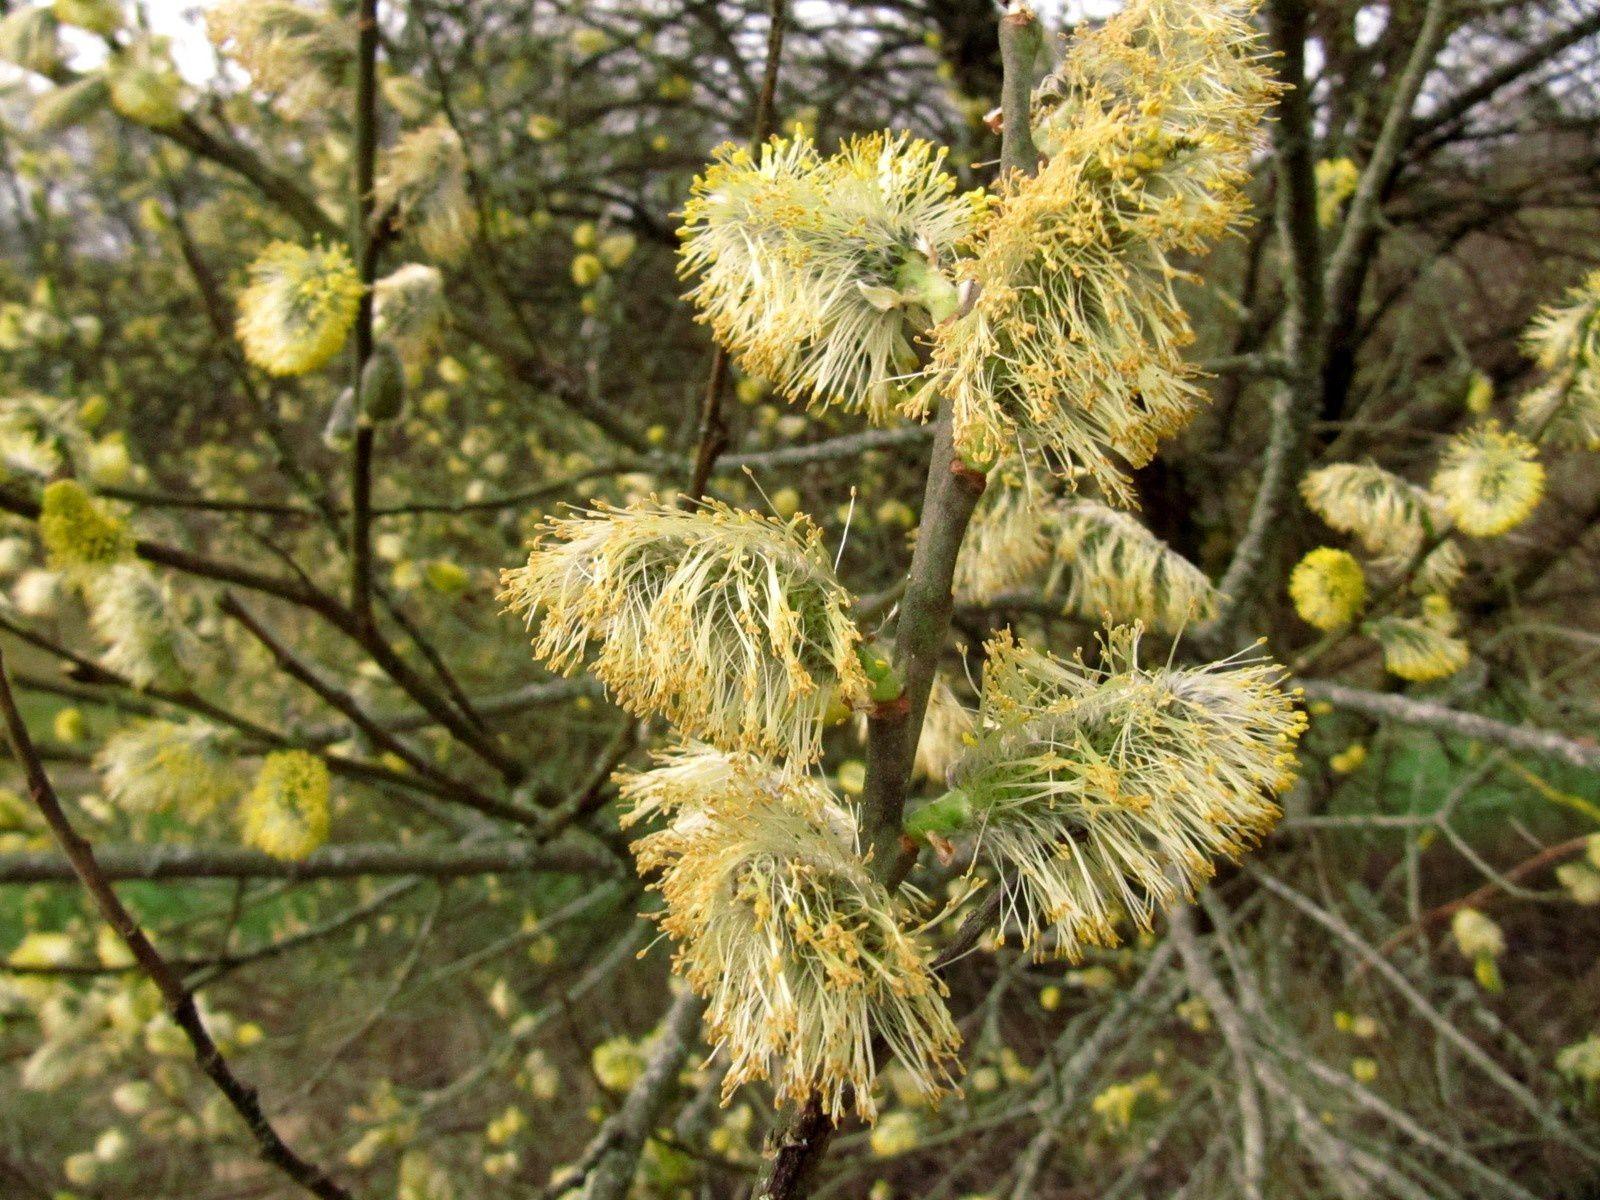 Saule marsault ou Saule des chèvres (Salix caprea)